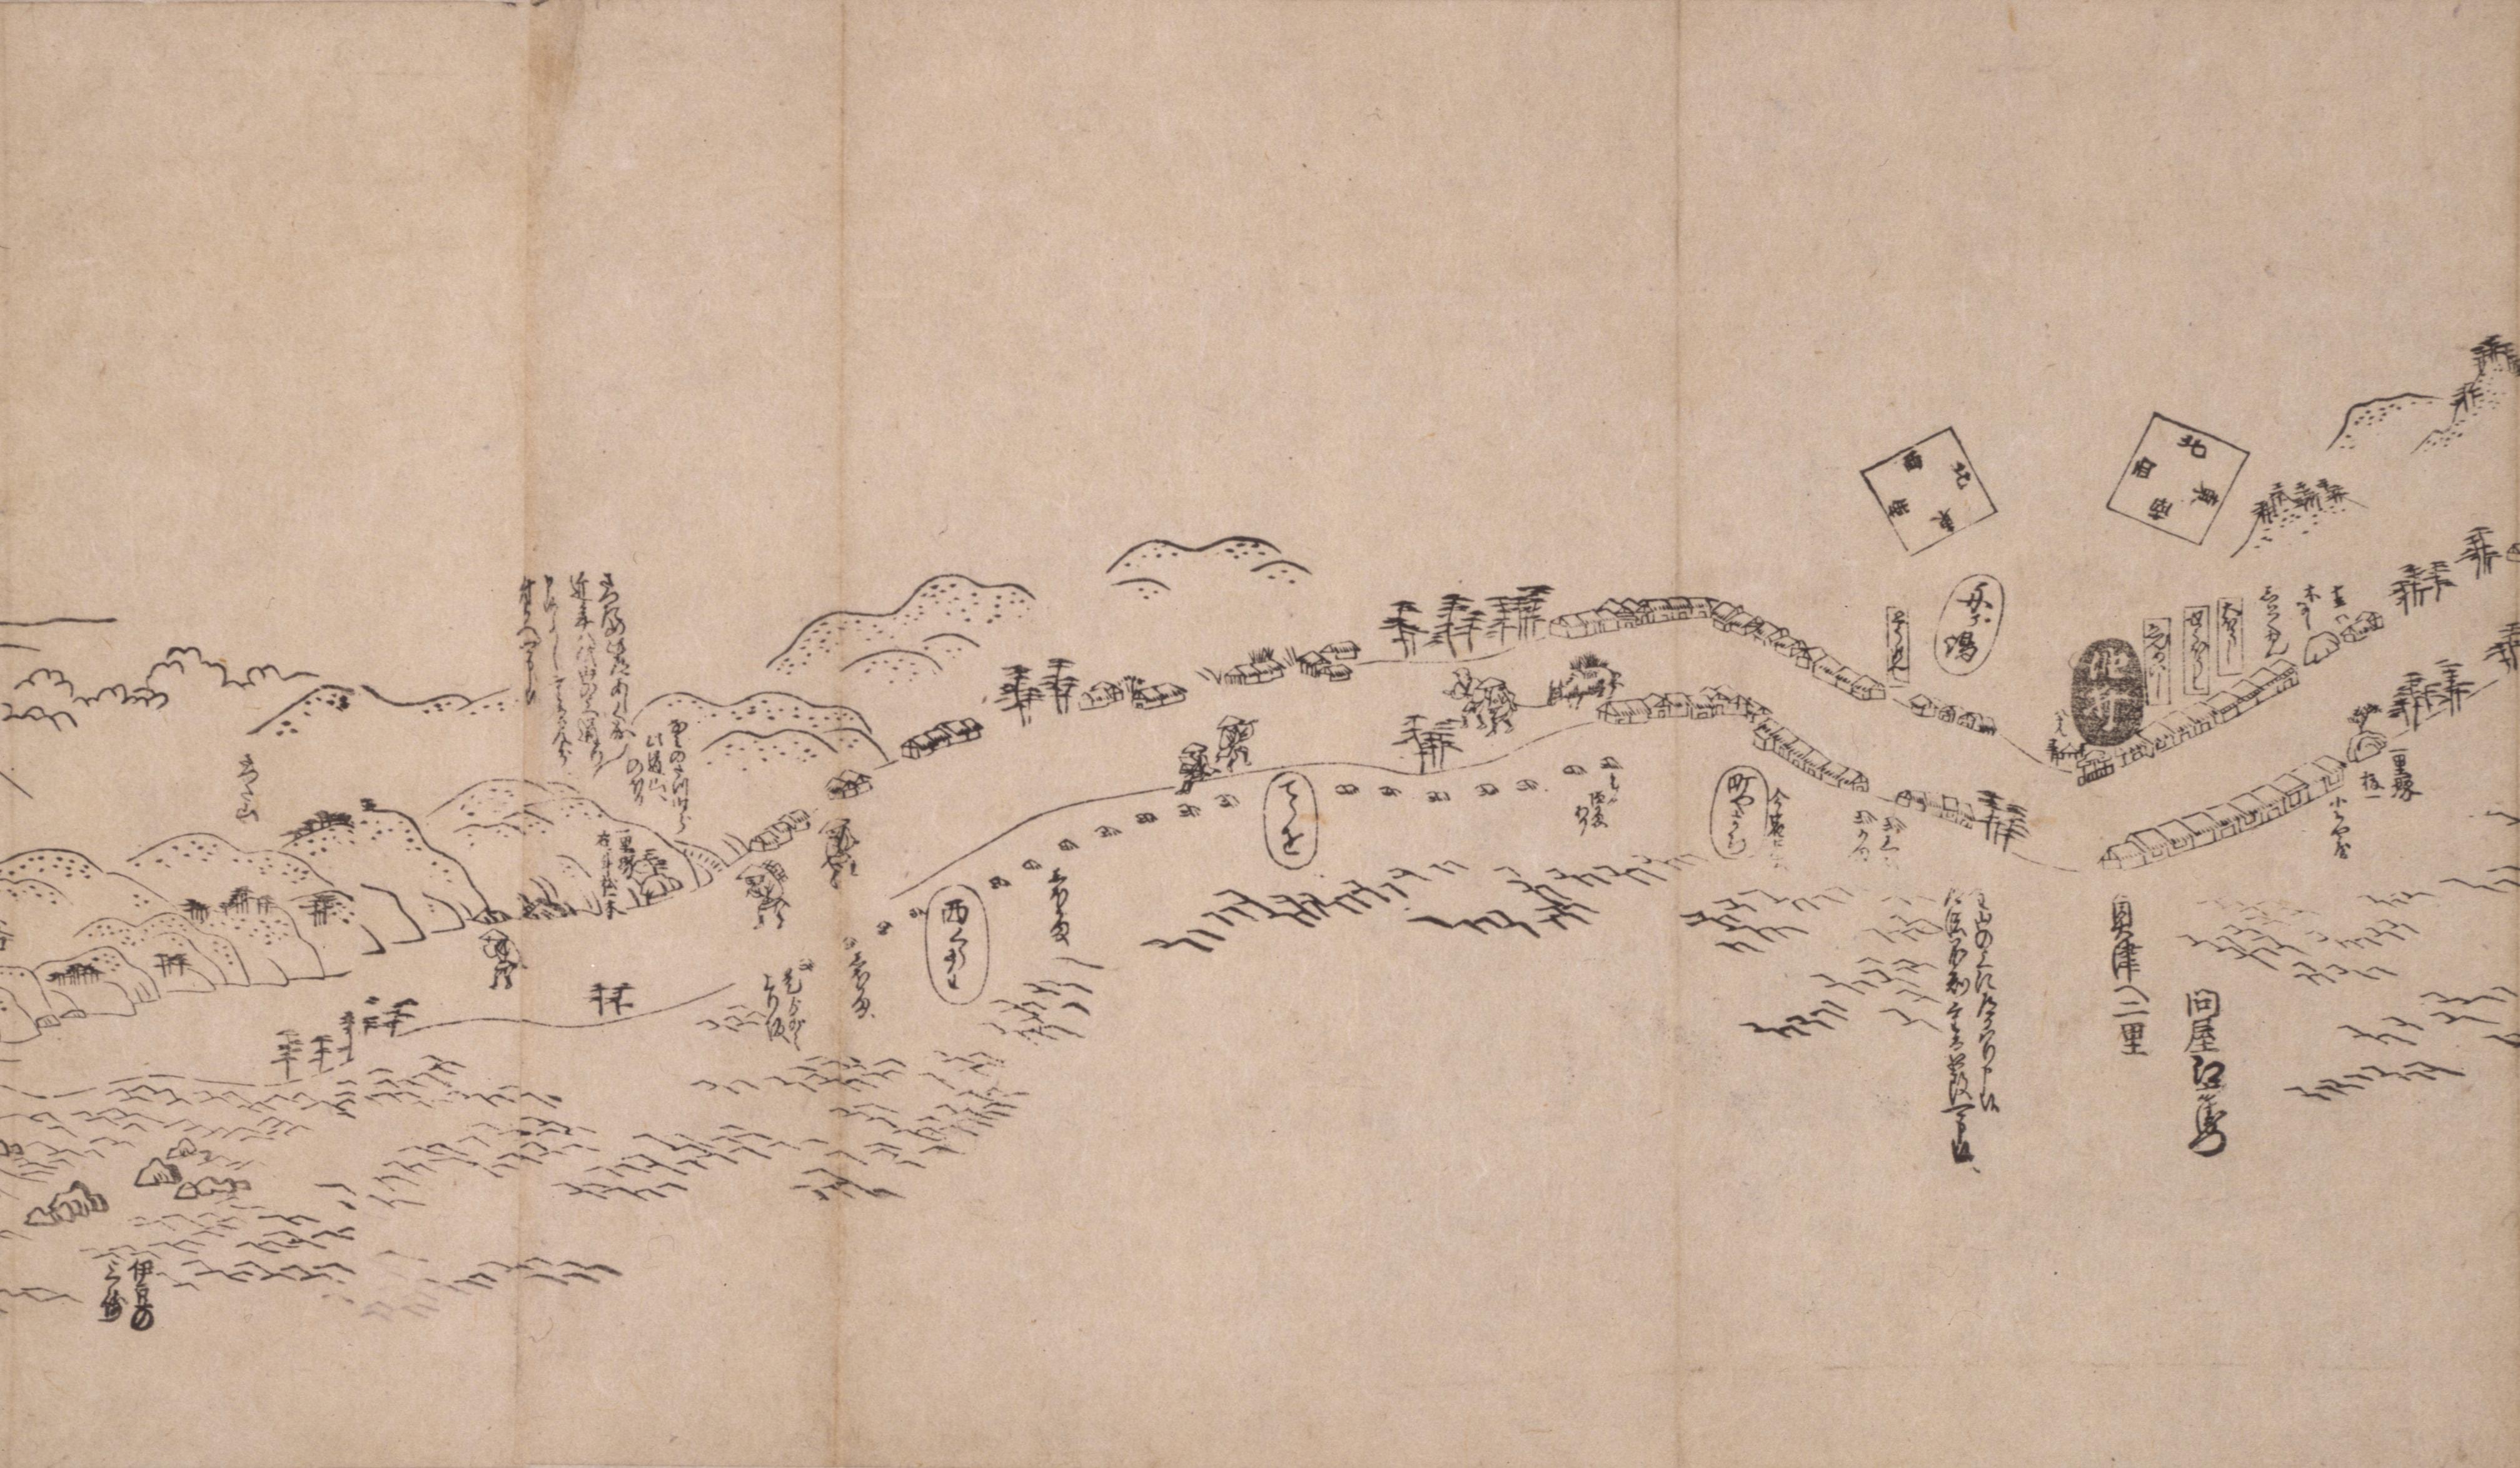 東海道分間之図 二十六